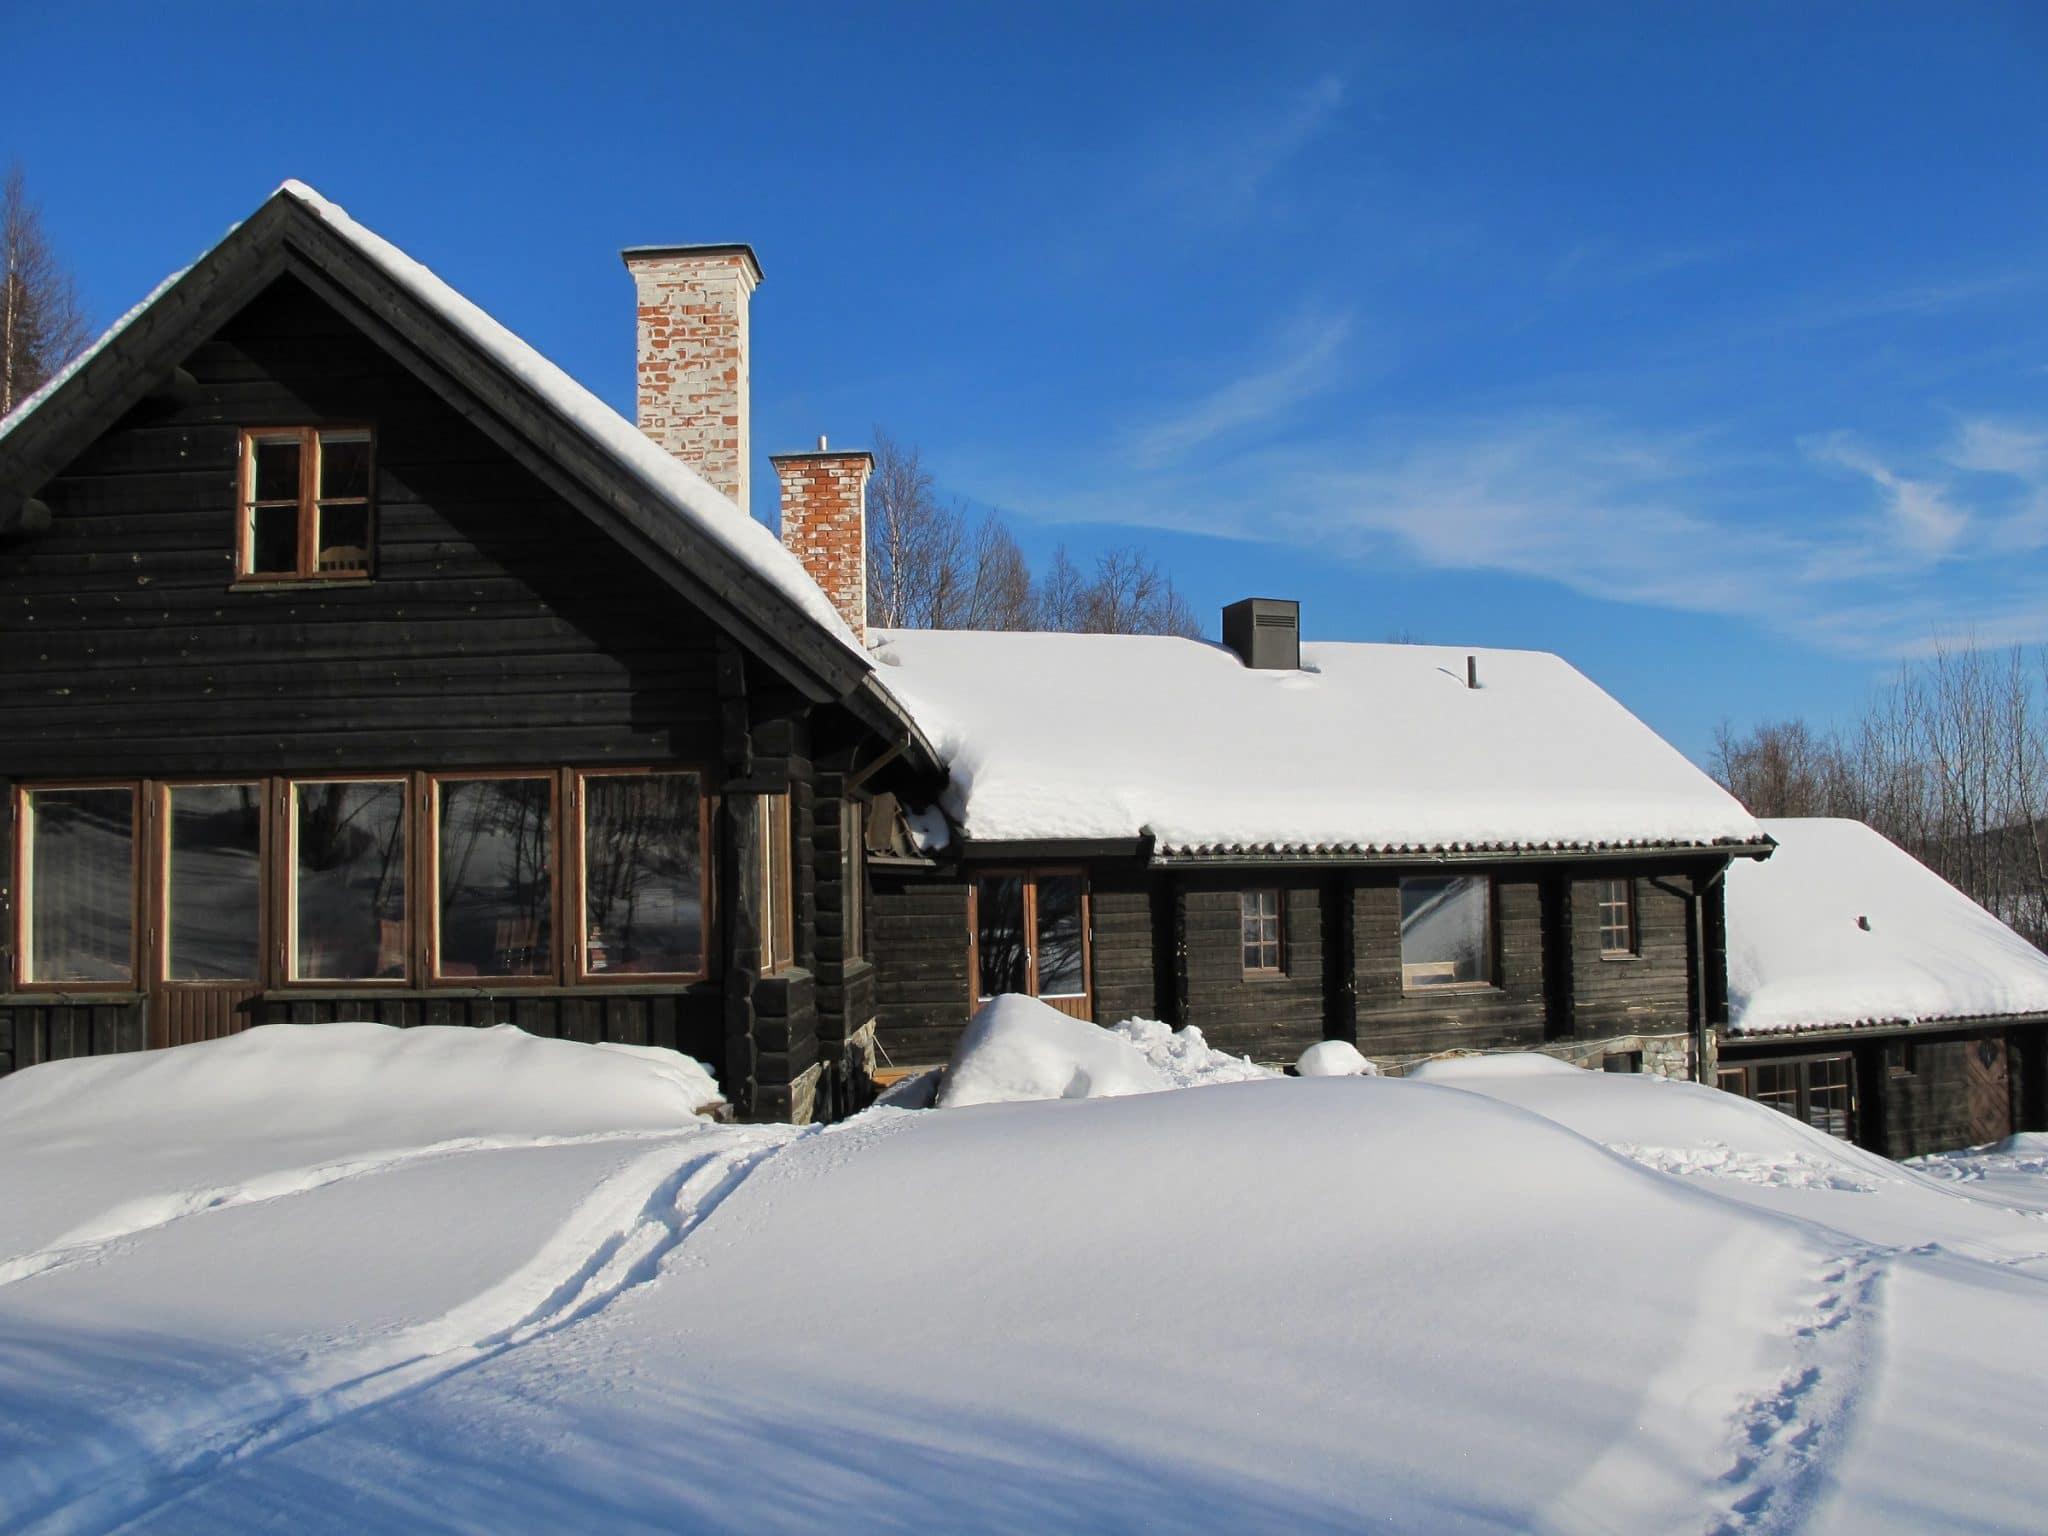 Skutan SkiLodge in Åre in winter